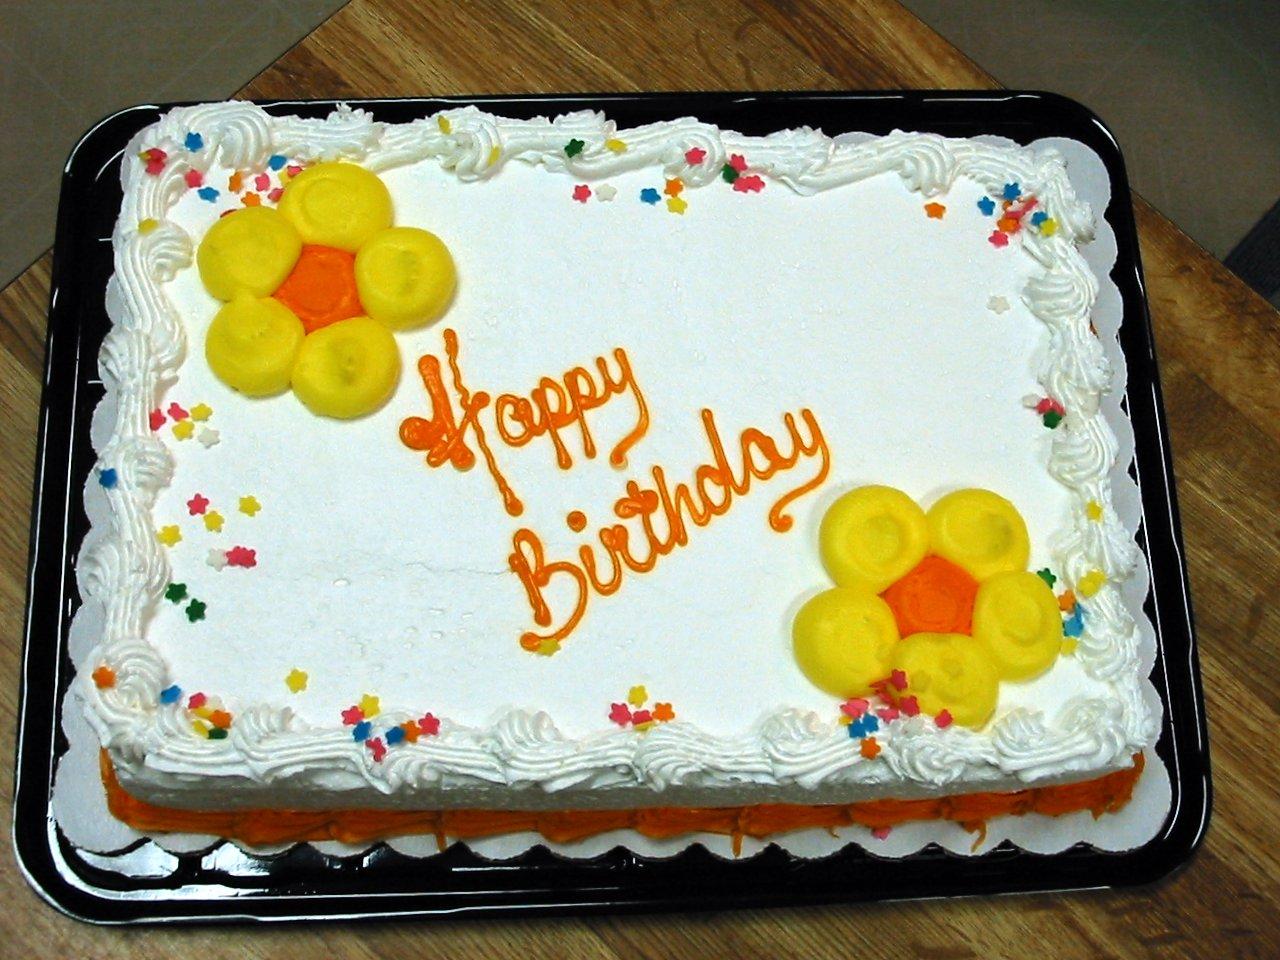 Milestone birthday celebrations